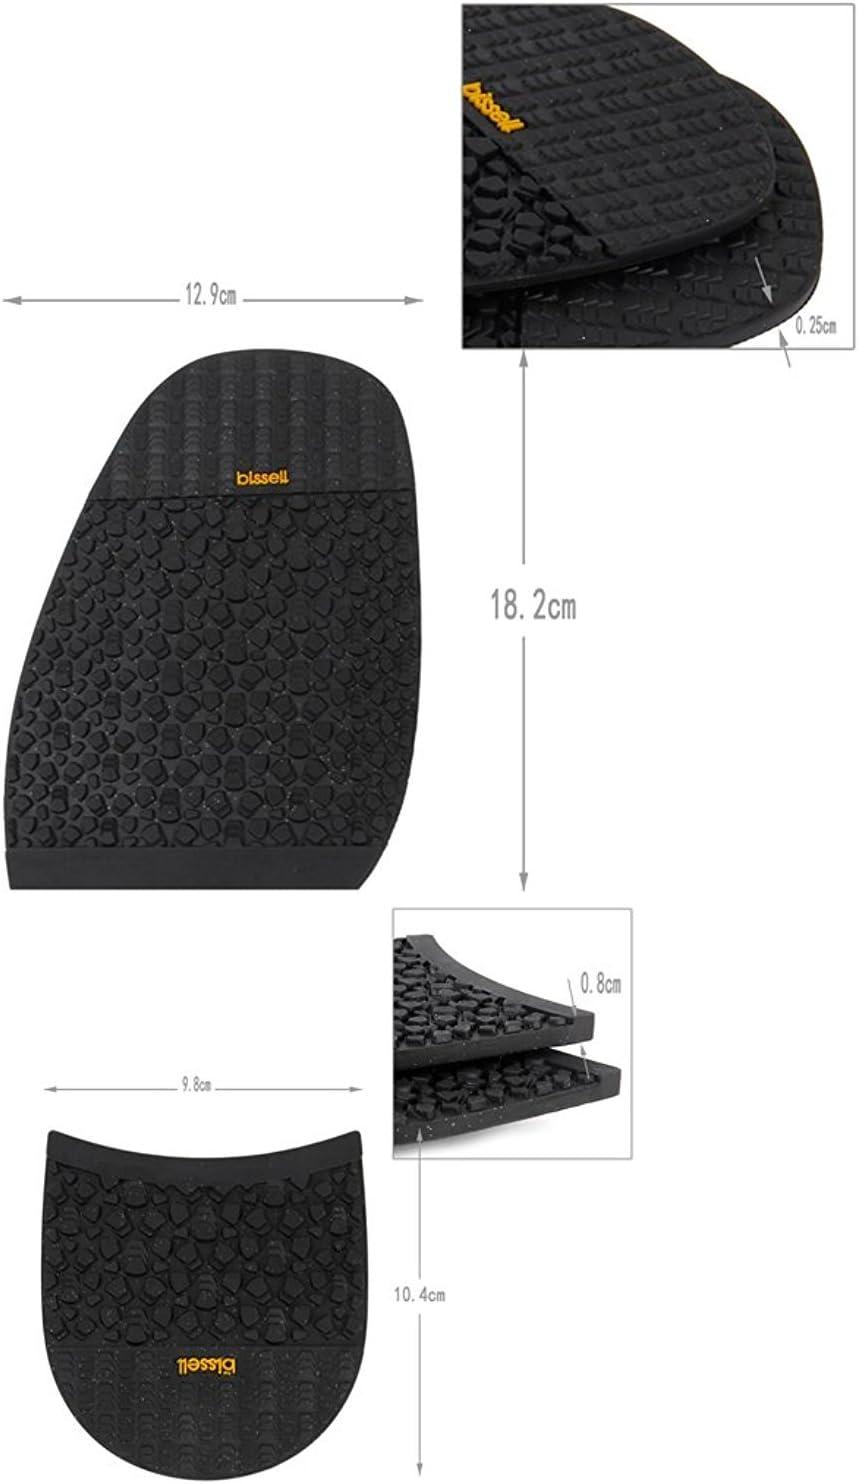 - Noir Verni Gumlight m/élange 39//40 bon pour baskets 30 x 12 cm Vibram 2644 Complet Semelles plat Noir 1 paire Pour Bricolage Chaussure R/éparations de Semelles chaussures de marche etc..